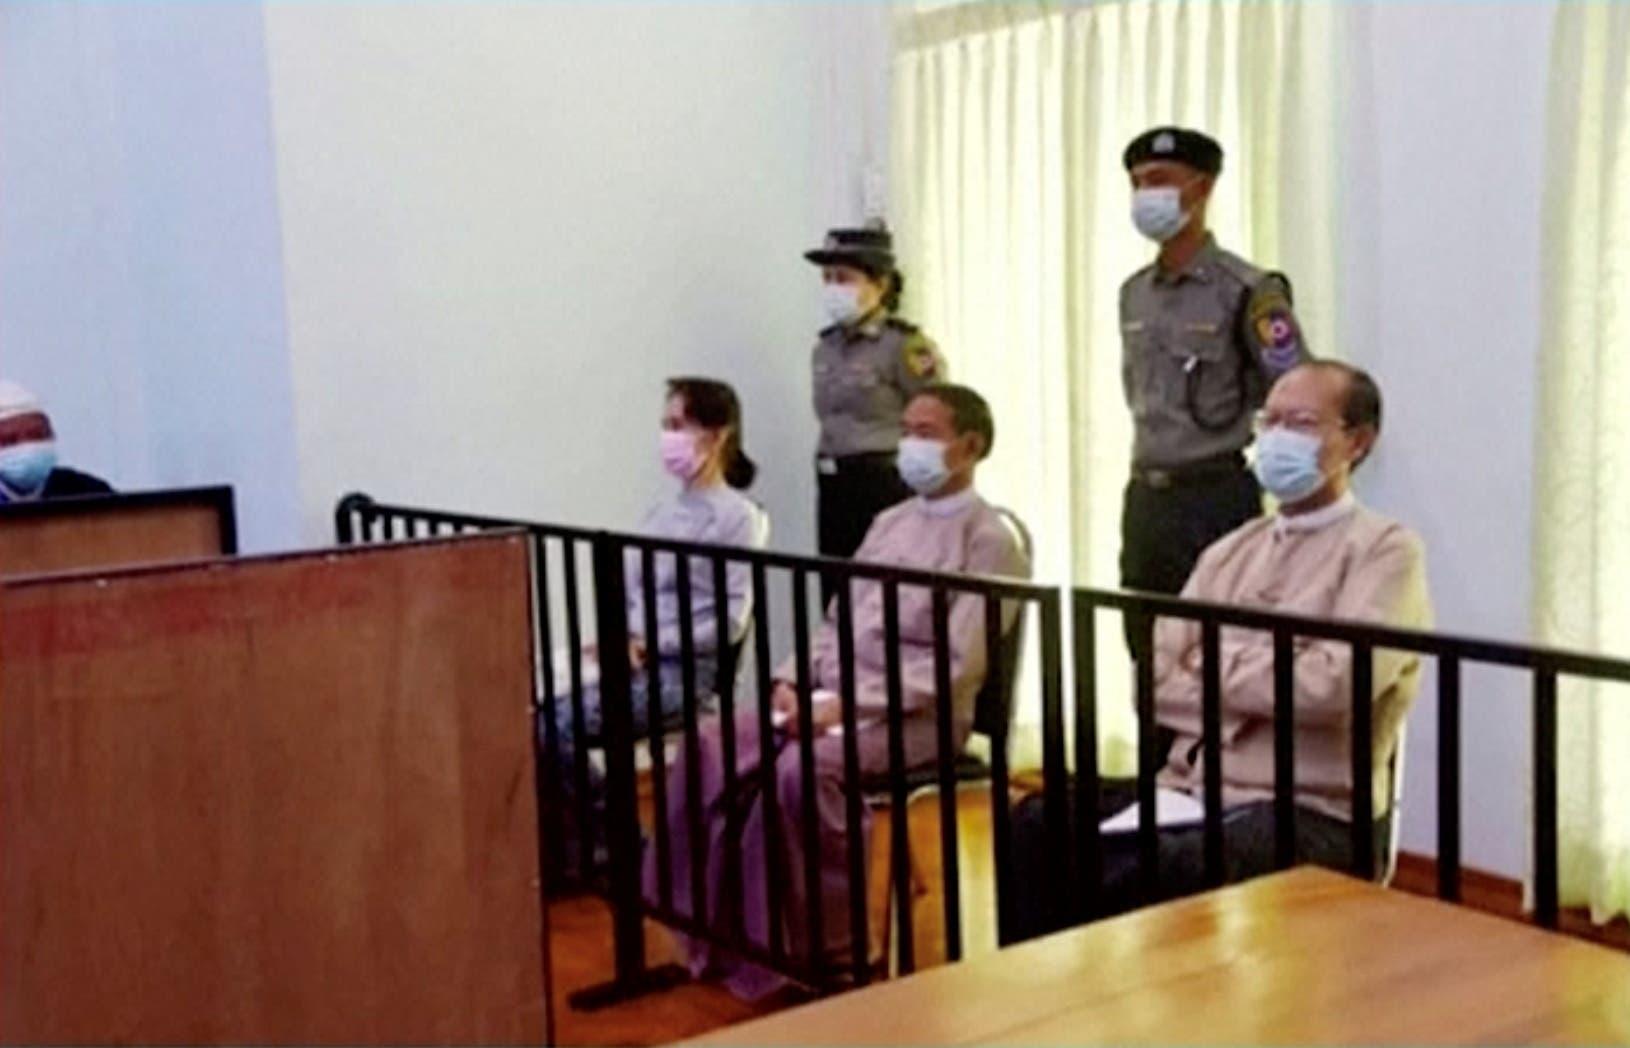 The trial of Aung San Suu Kyi begins today in Myanmar